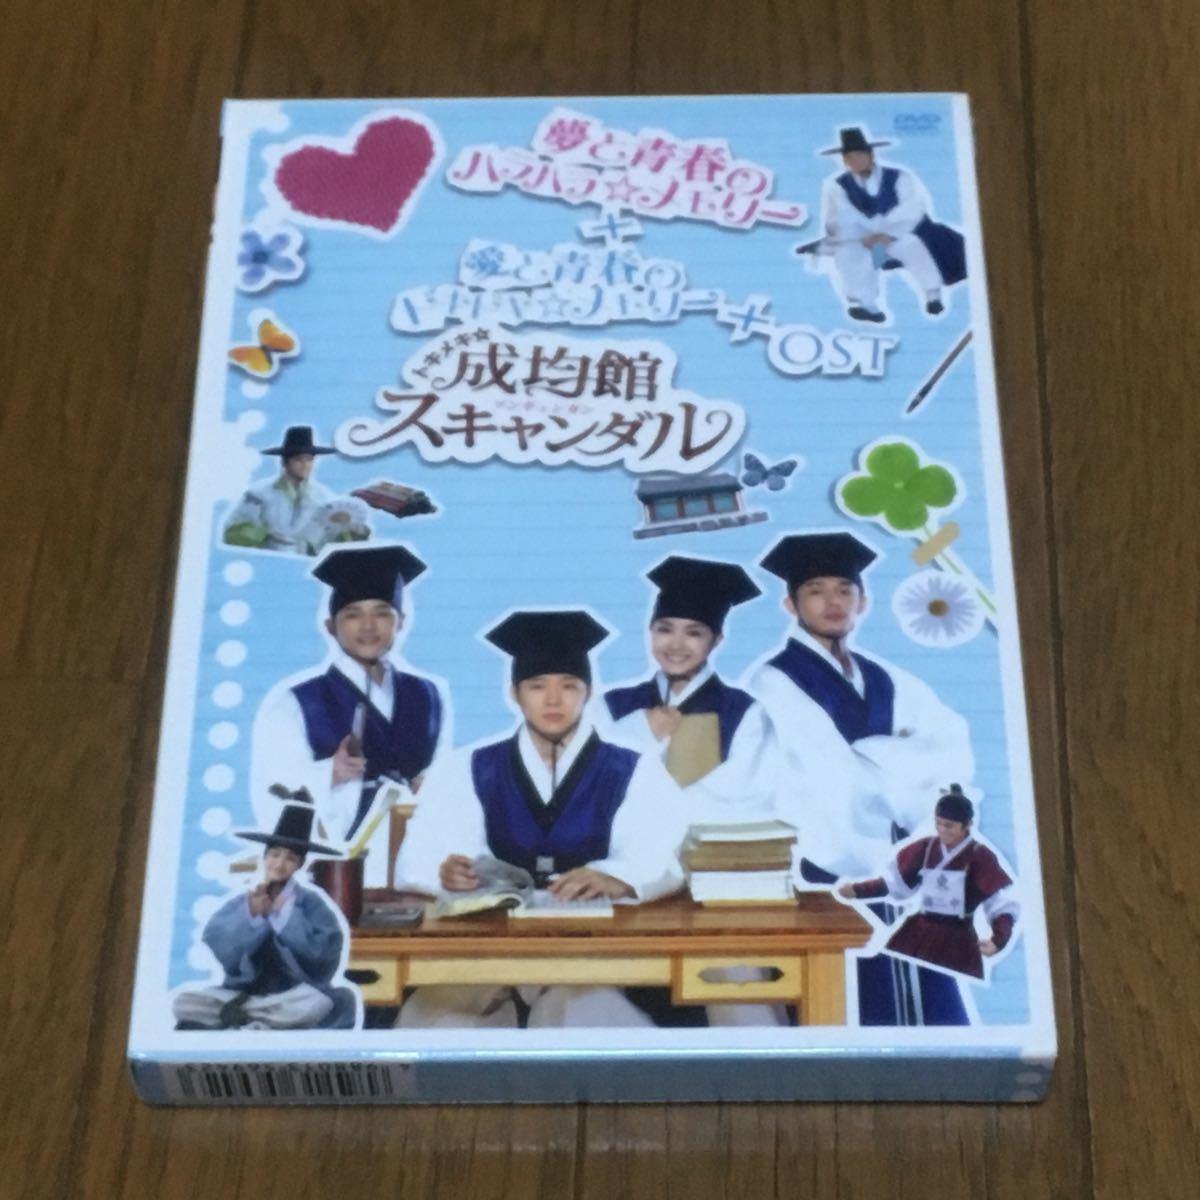 韓国ドラマ『トキメキ成均館スキャンダル』メイキング OST DVD